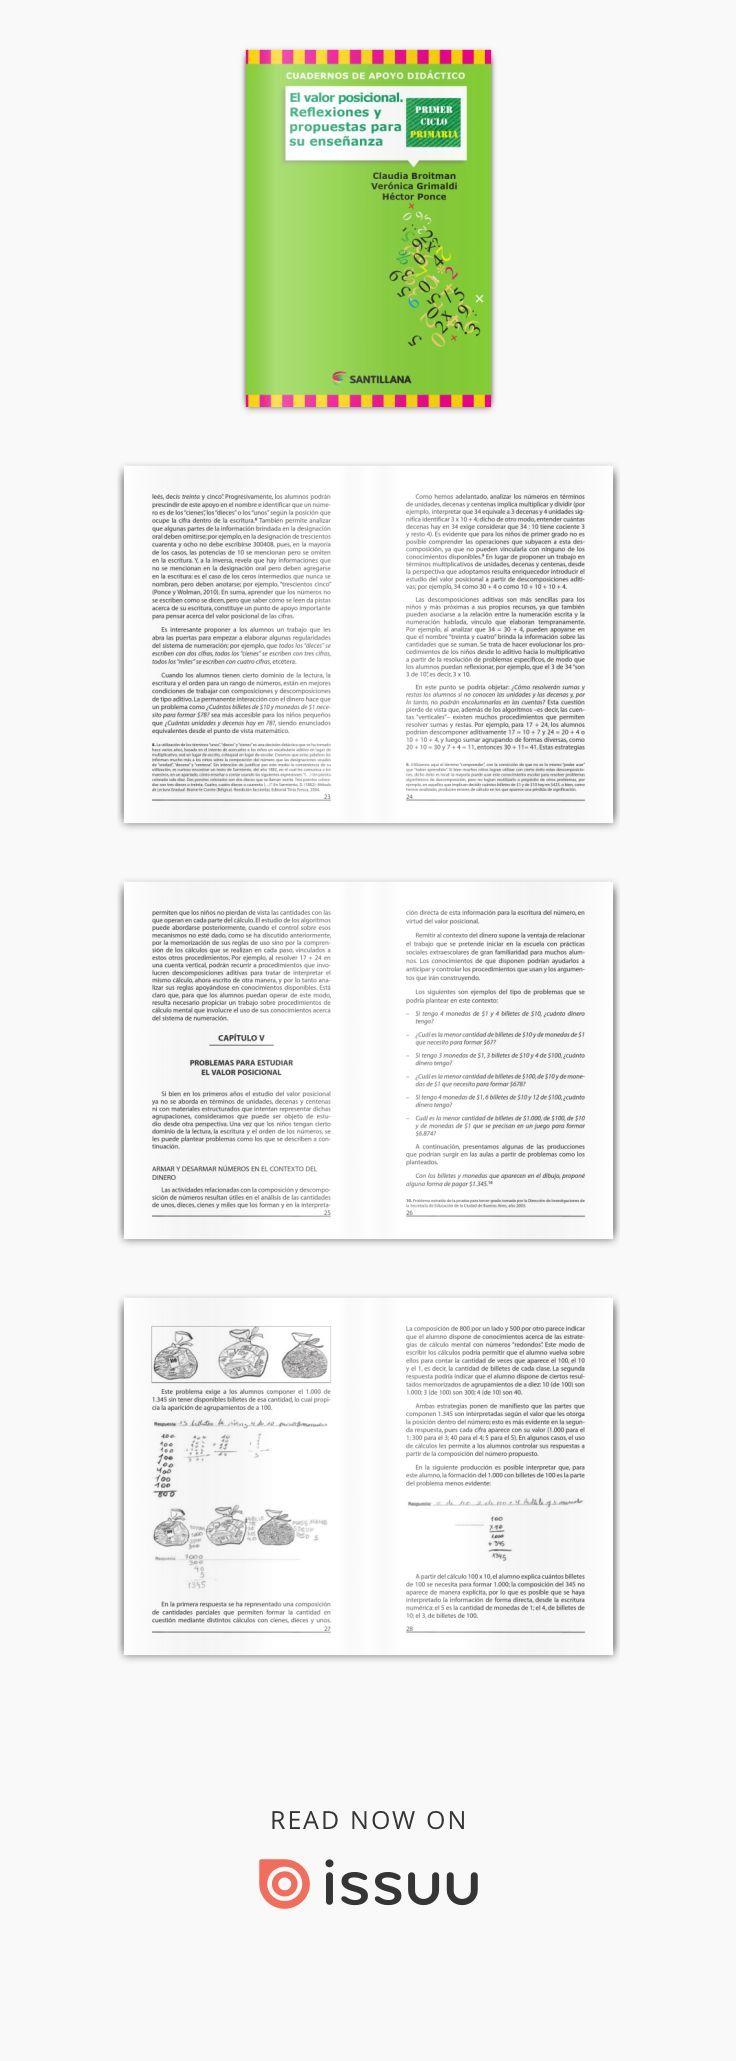 El Valor Posicional Reflexiones Y Propuestas Para Su Enseñanza Cuadernos De Apoyo Didáctico Primer Ciclo Primaria Autores Cl Propuestas Didactico Enseñar